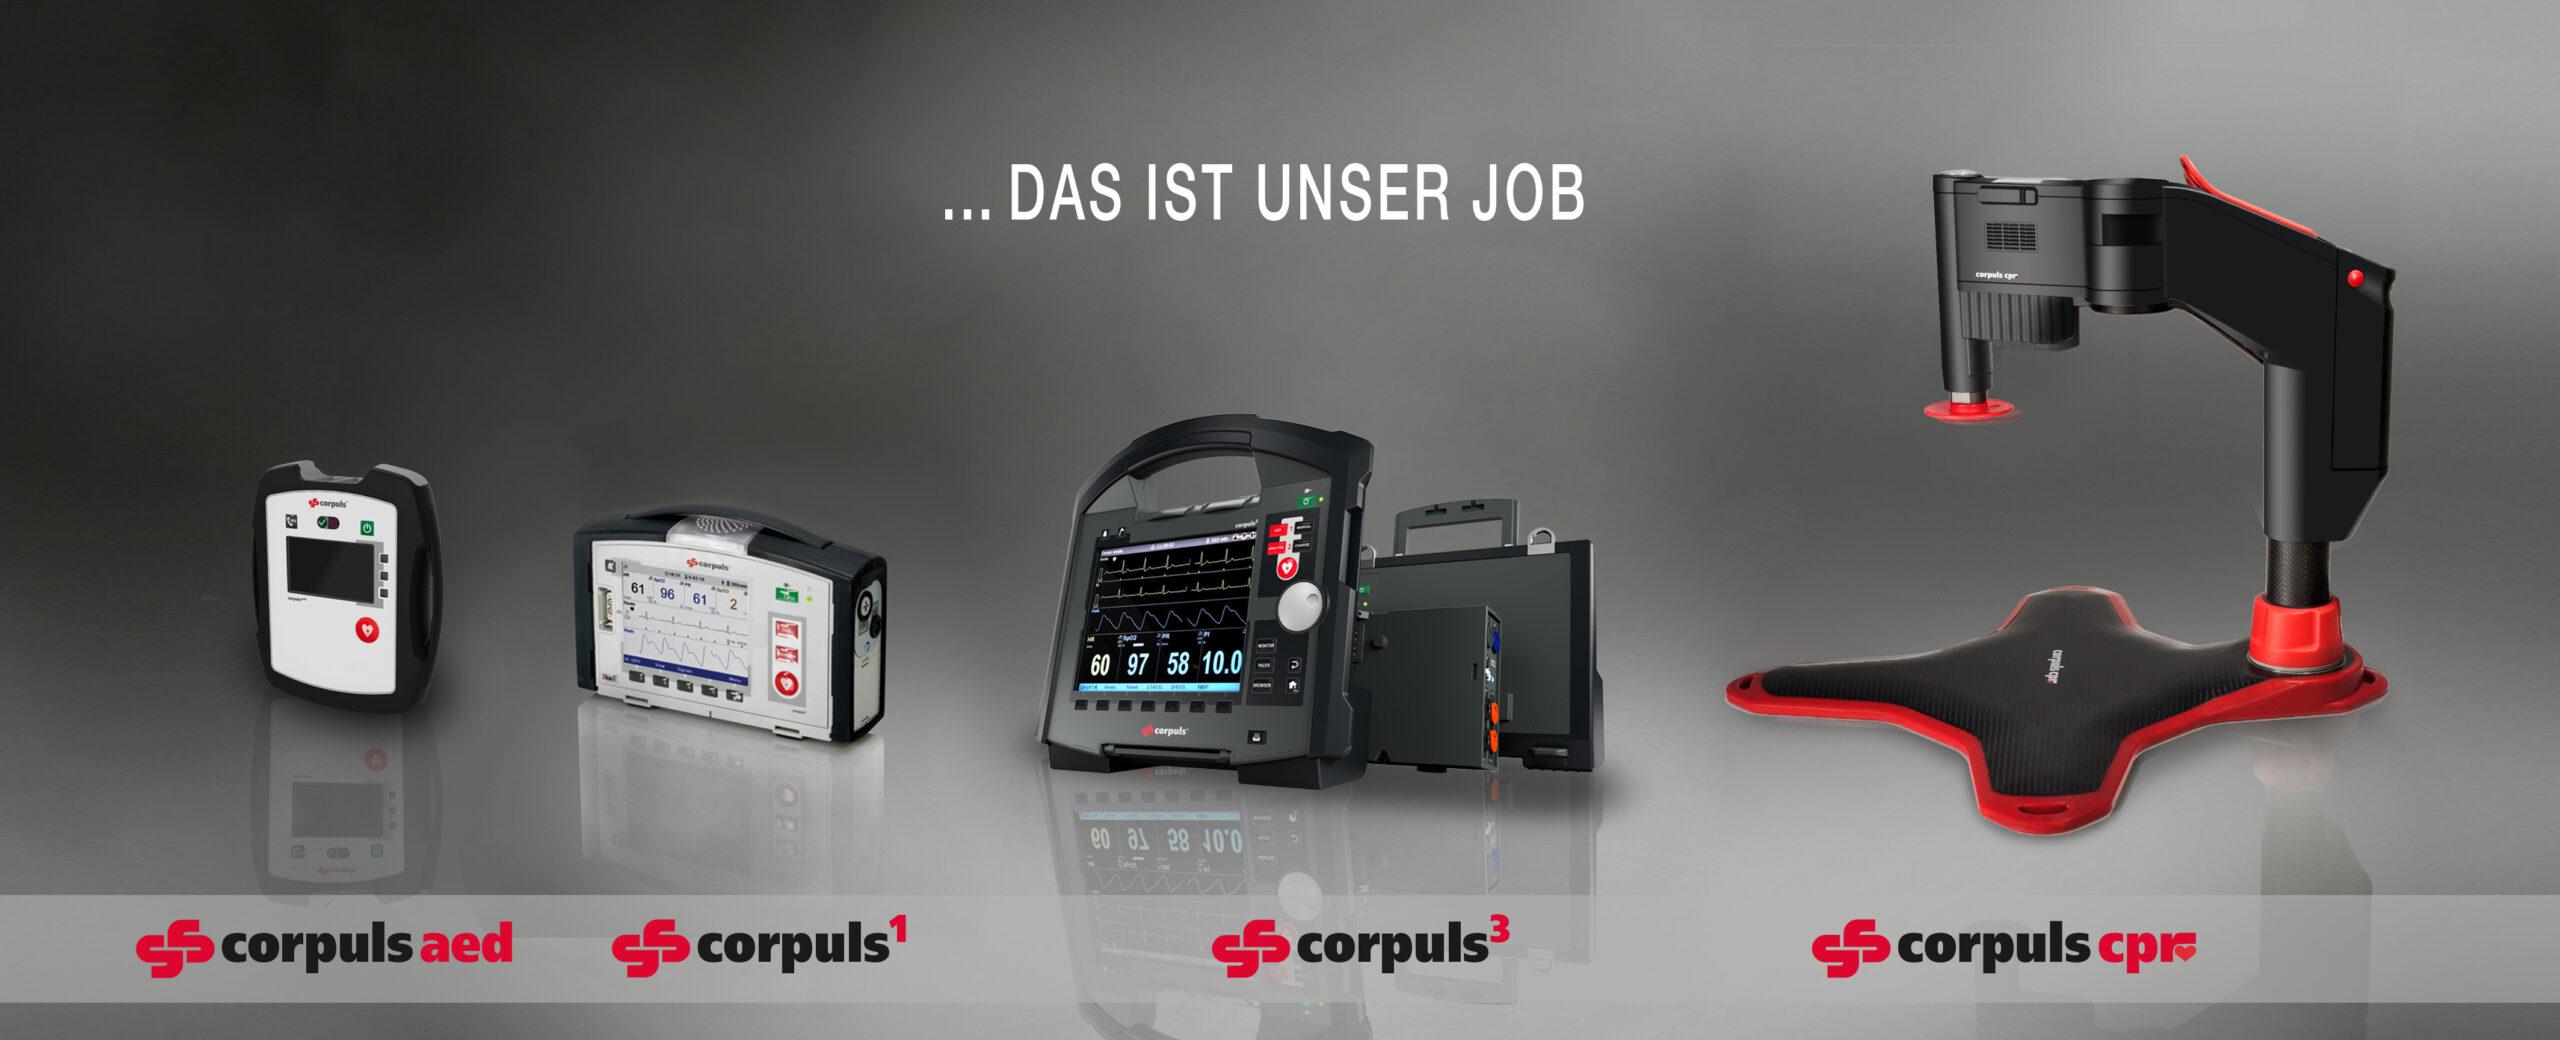 Riedel + Schulz Medizintechnik GmbH | Ihre corpuls-Vertretung